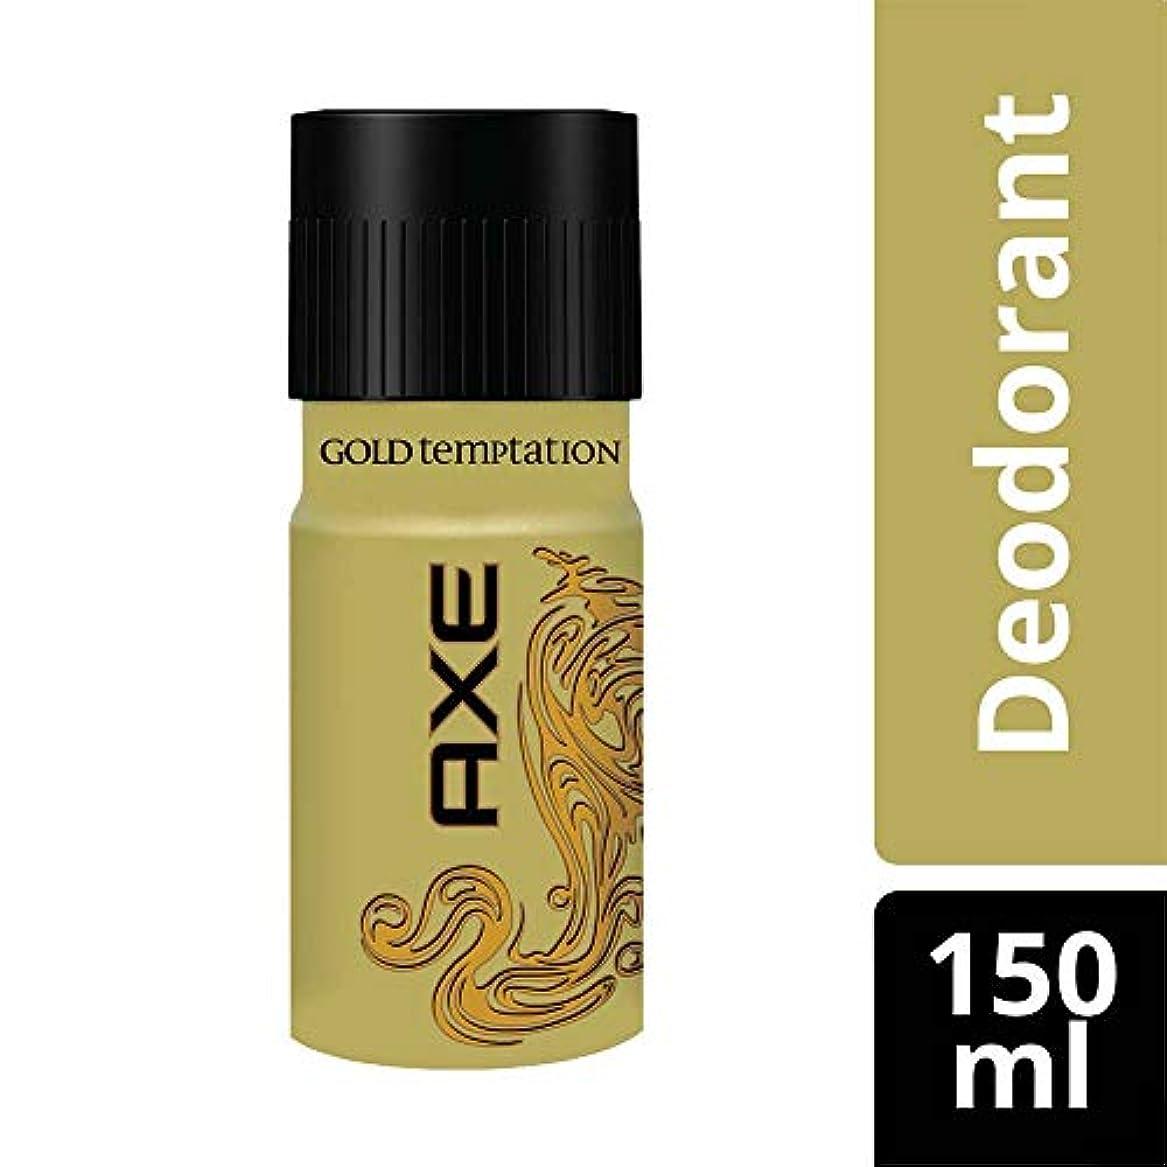 スロー引き出し相手AXE Gold Temptation Deodorant, 150 ml